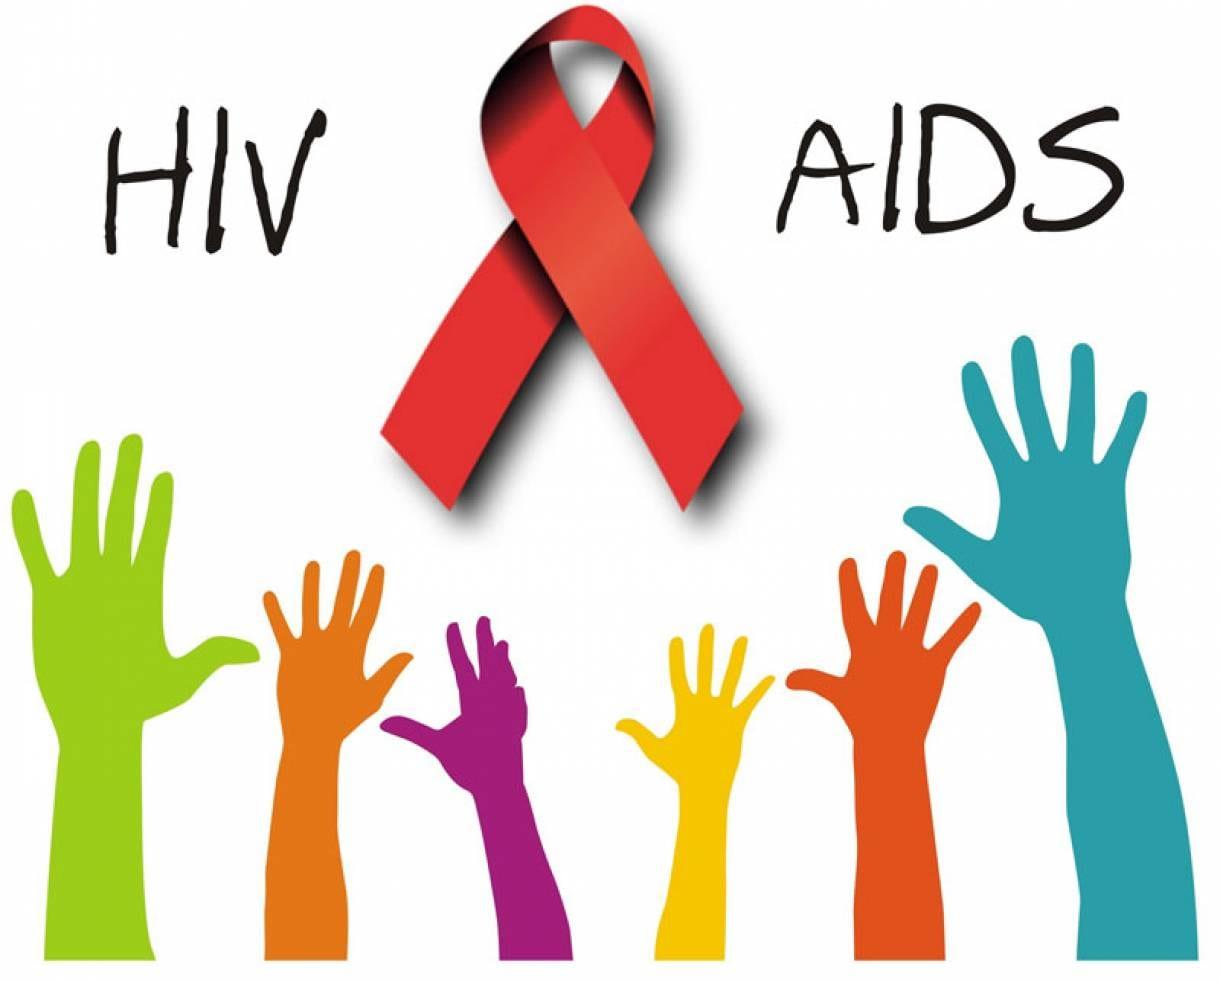 Handshake' campaign  to end HIV/AIDS stigma held at Guwahati